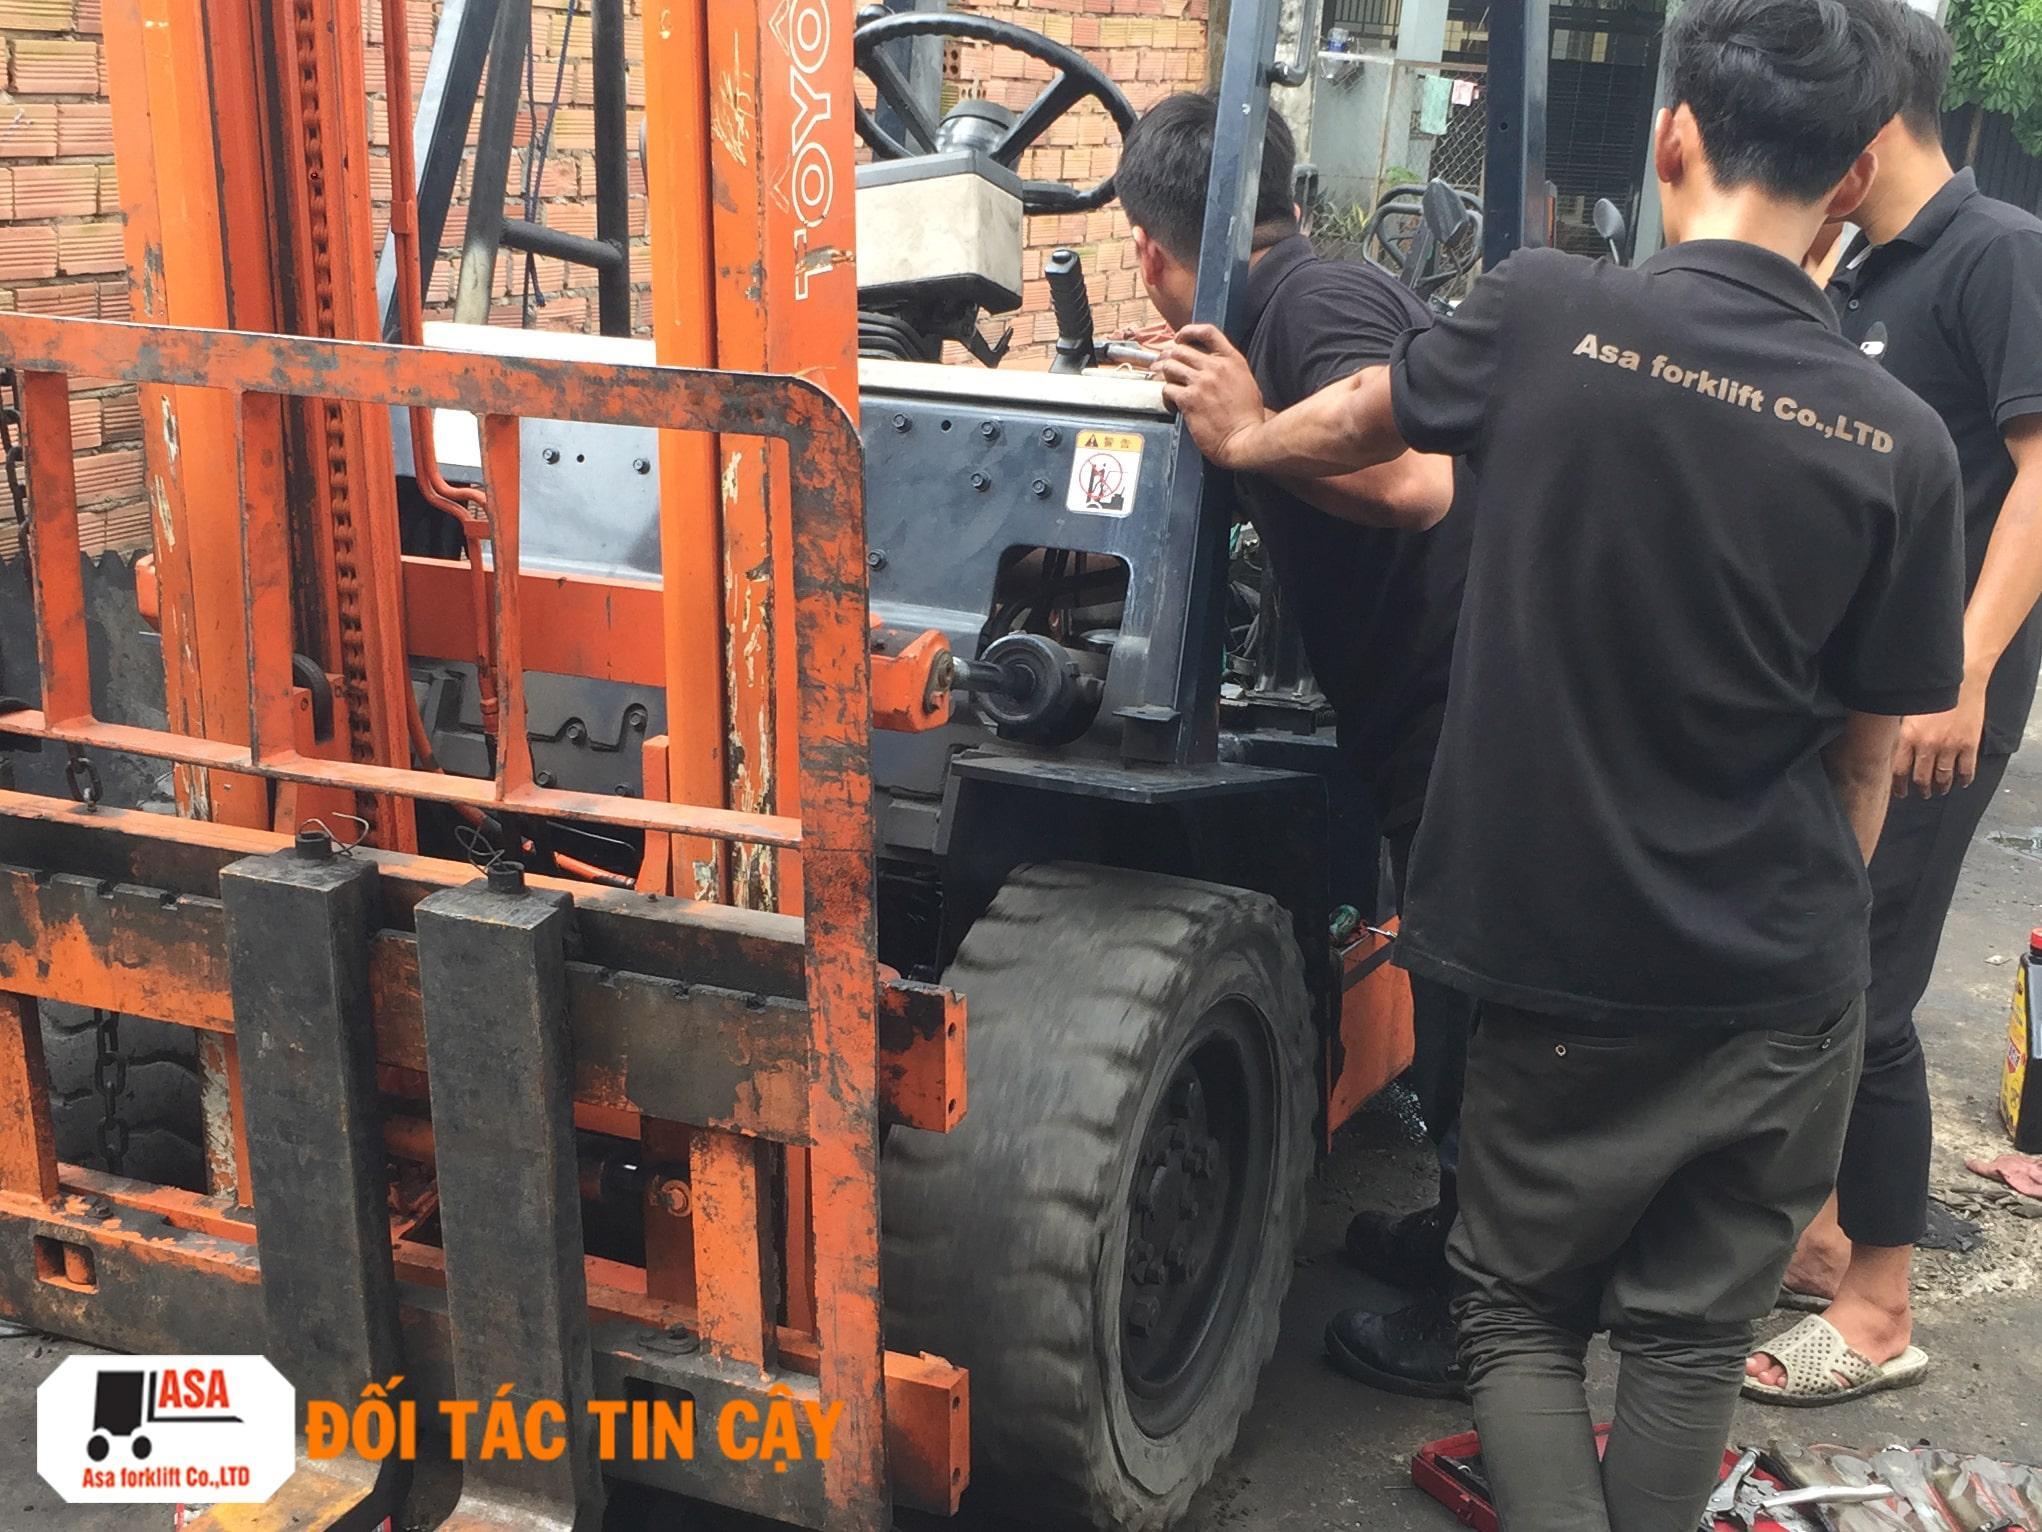 Sửa chữa các bệnh liên quan đến xe nâng hàng, sửa tất cả các xe nâng hàng